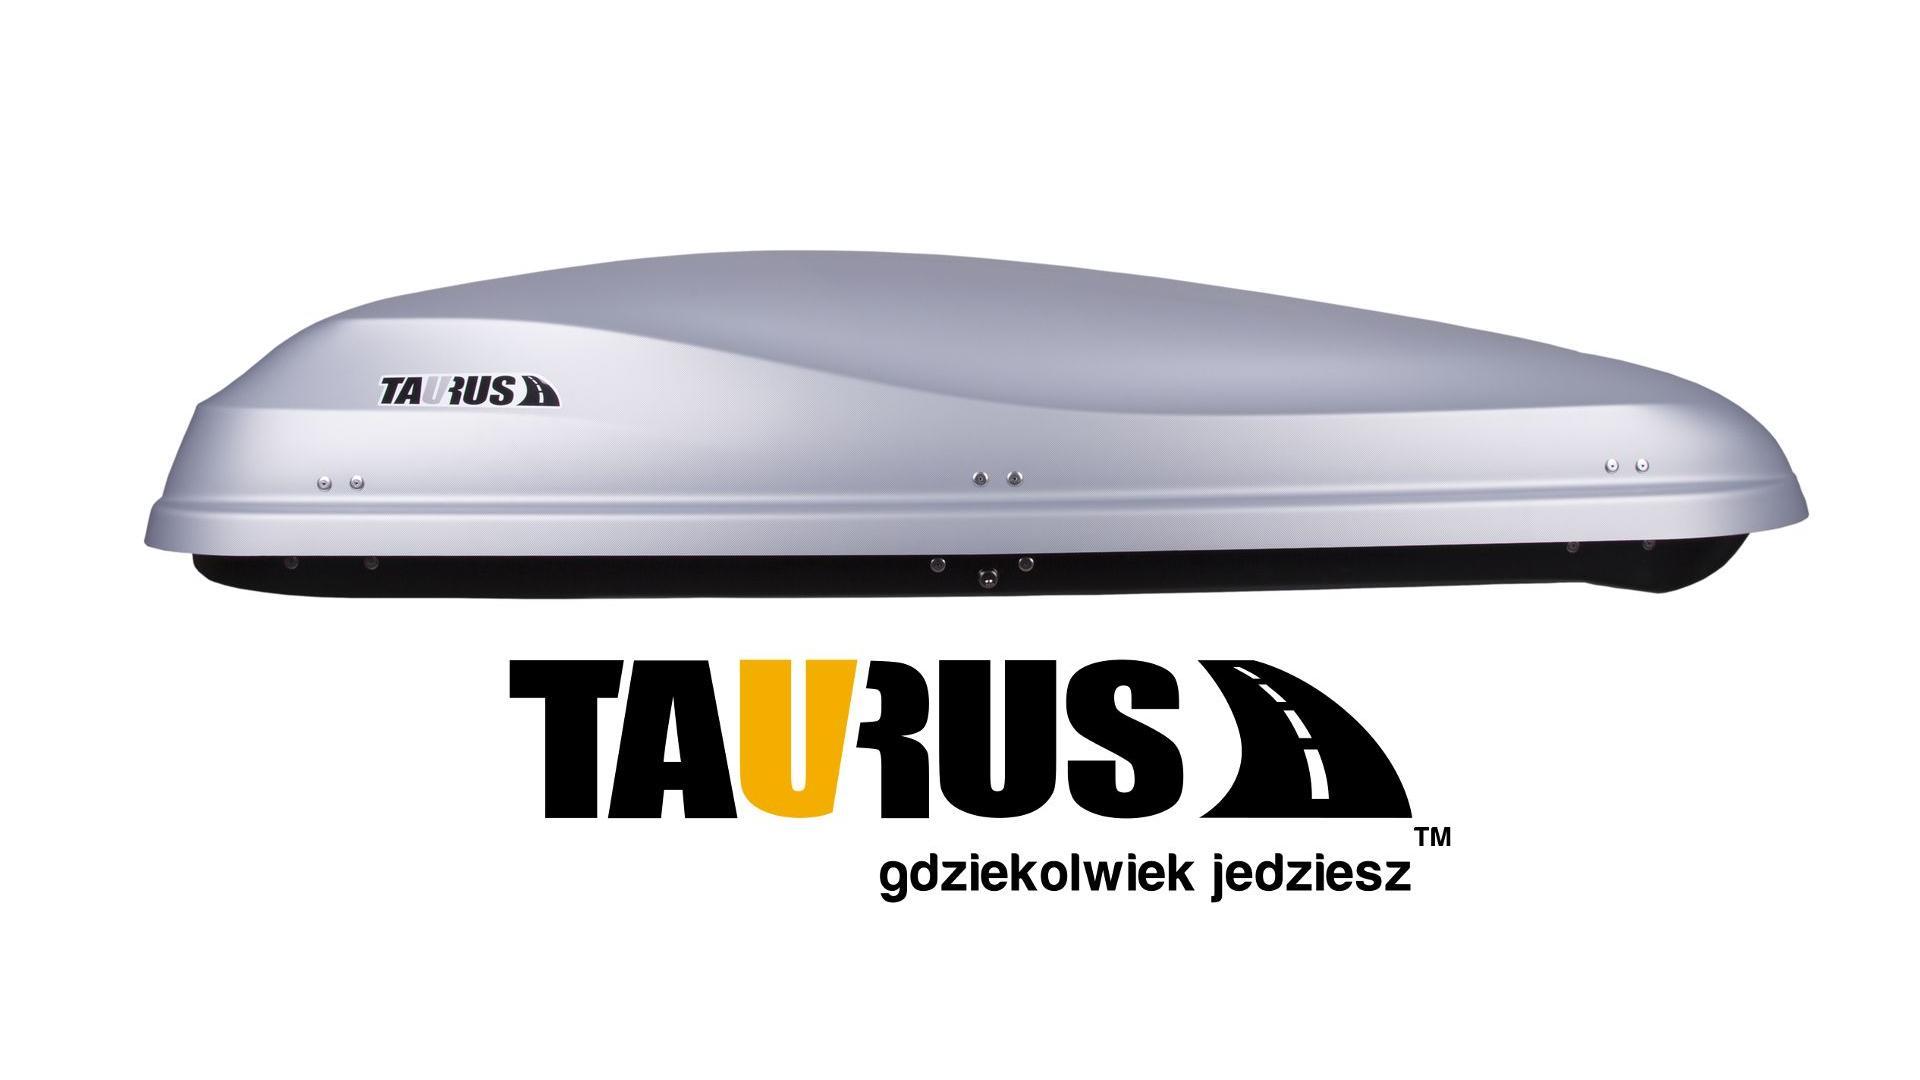 Taurus strešný box Altro 500 (200x90x41) 500 l.- šedý karbónový (obojstranne otvárateľný)